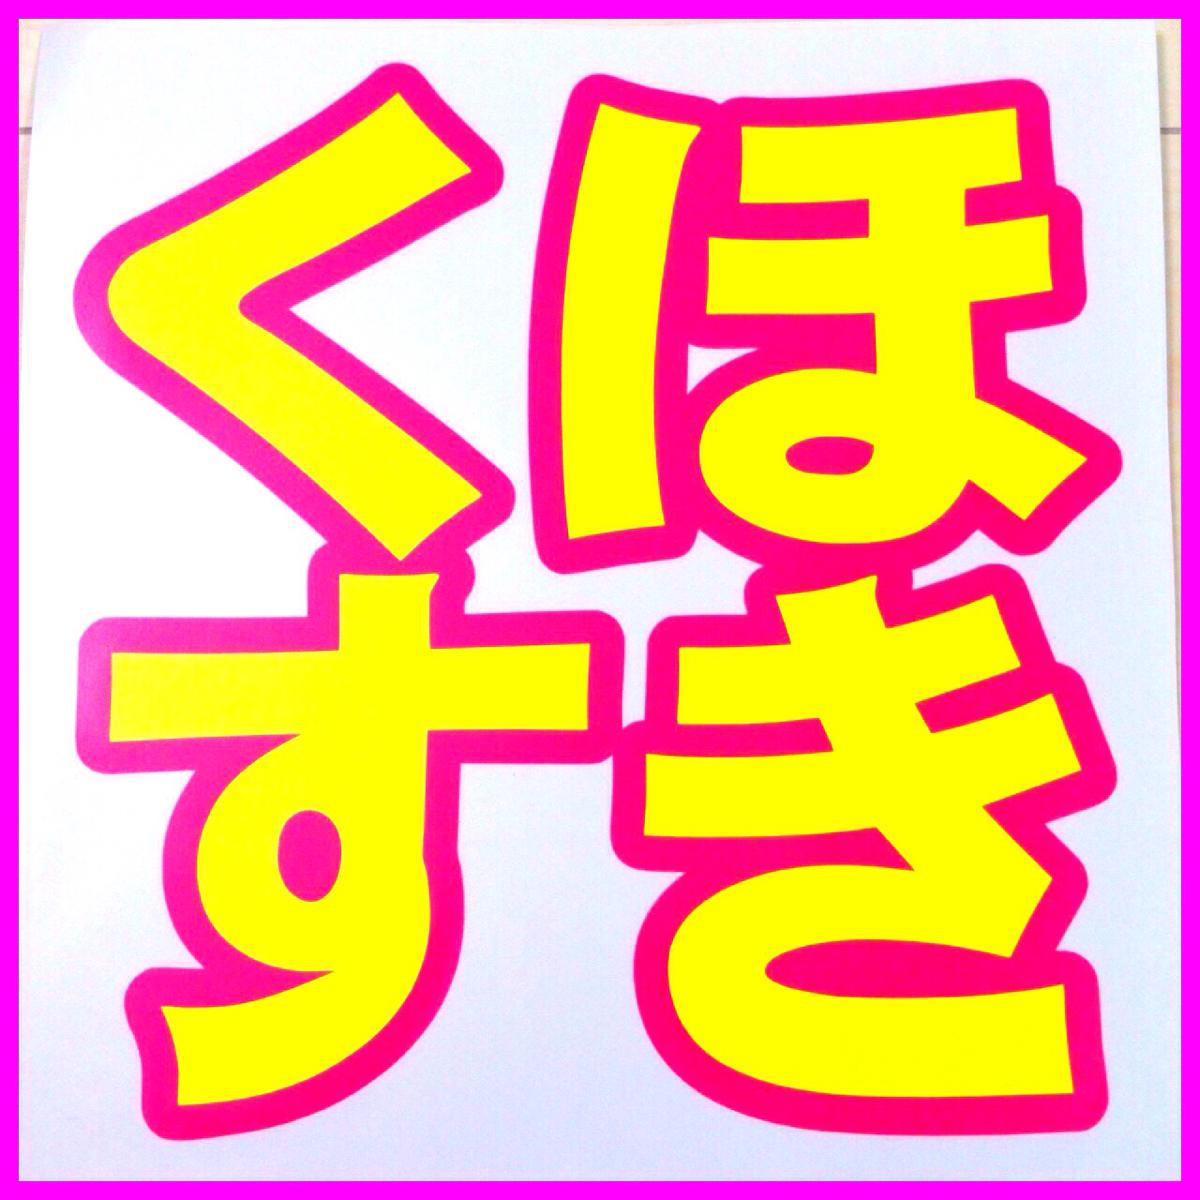 テソンうちわ【くほすき】BIGBANうちわ !気持ちアピール!